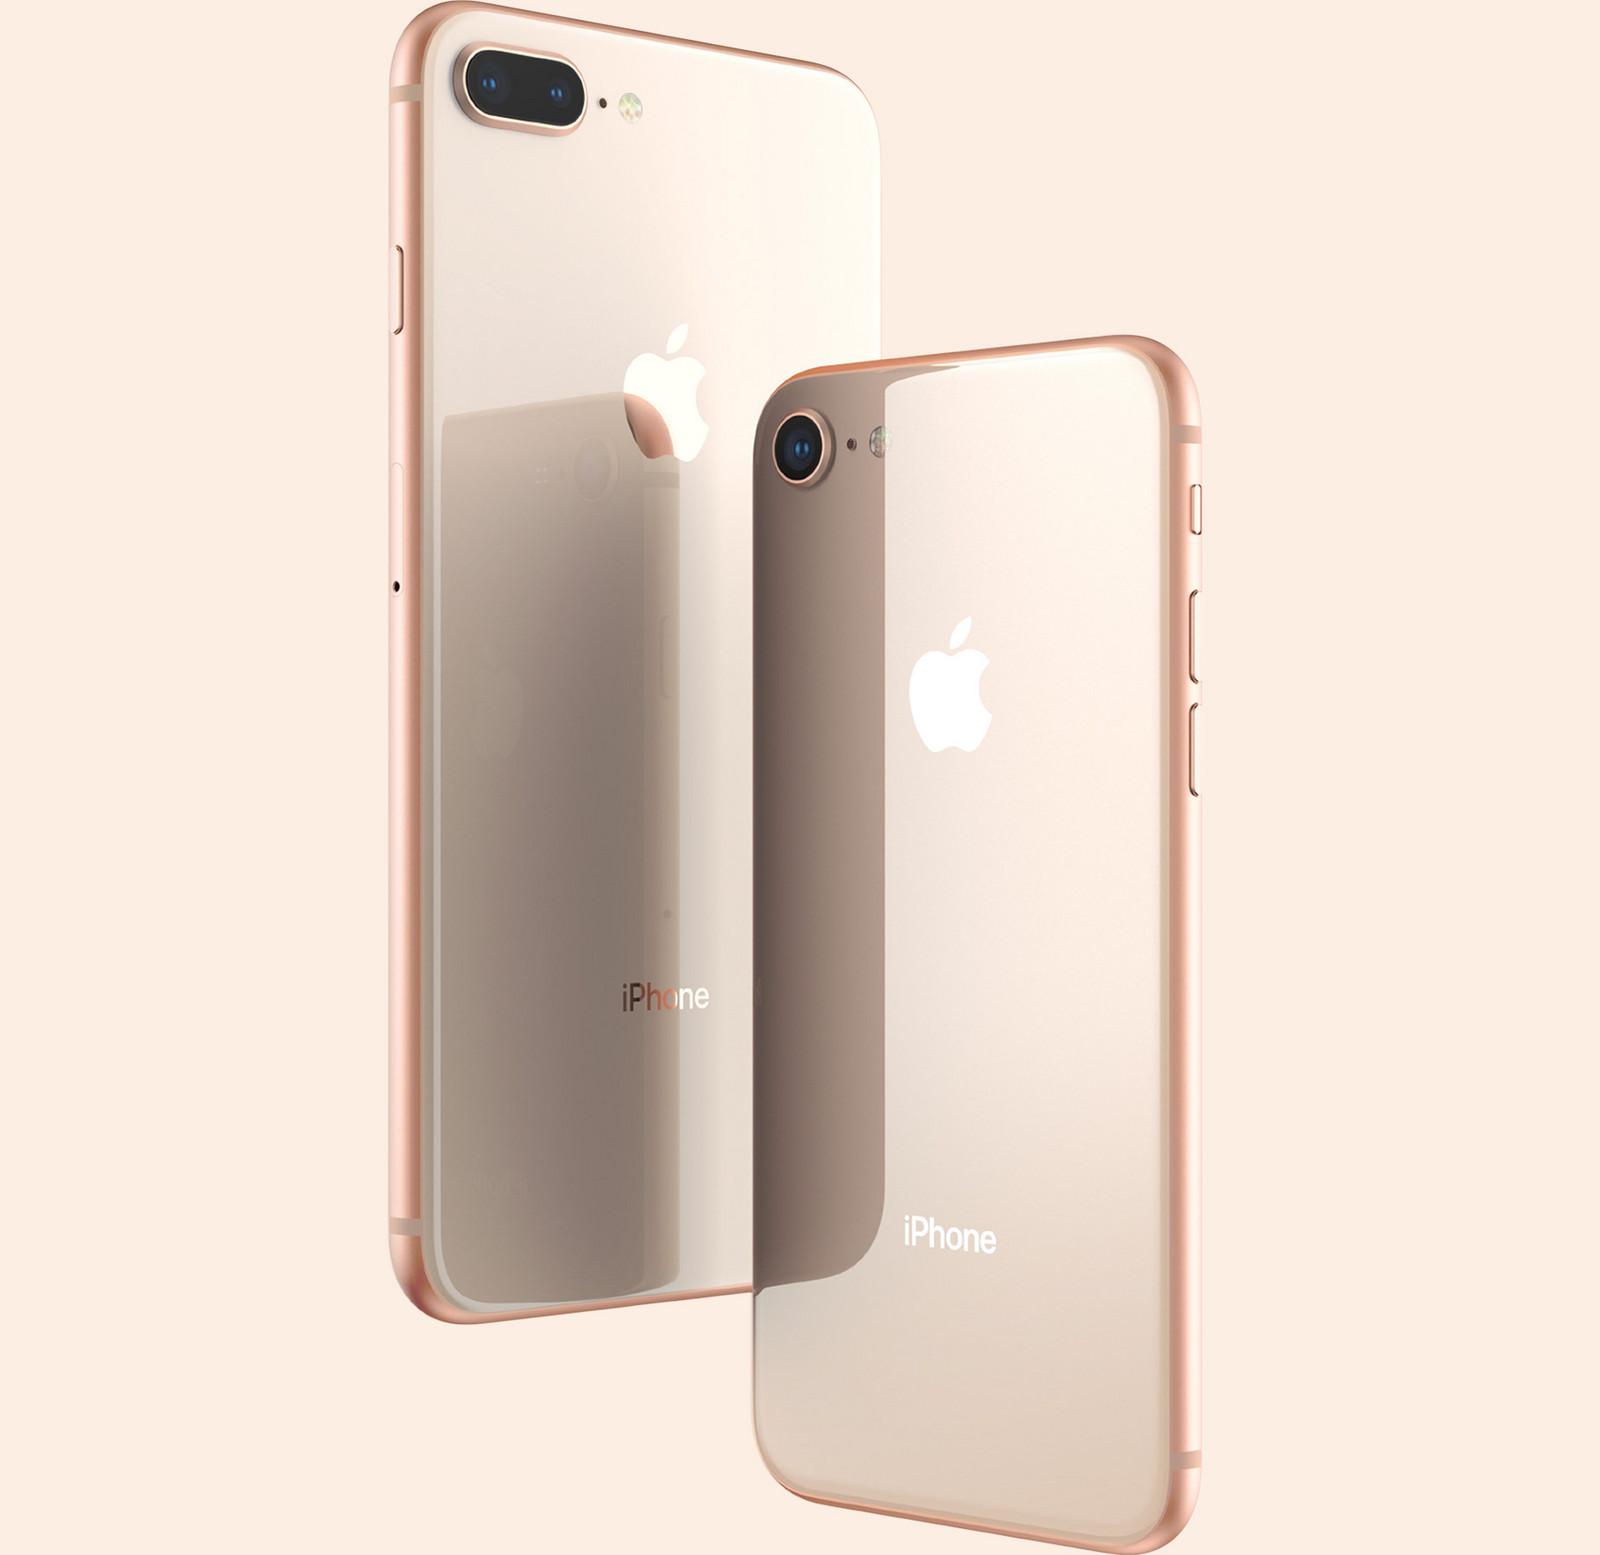 9feddad91e 2017年に発表された中で最も不名誉な称号を得ることになってしまったスマートフォンはなんと、2年連続で日本における巨人、AppleのiPhone となってしまいました。